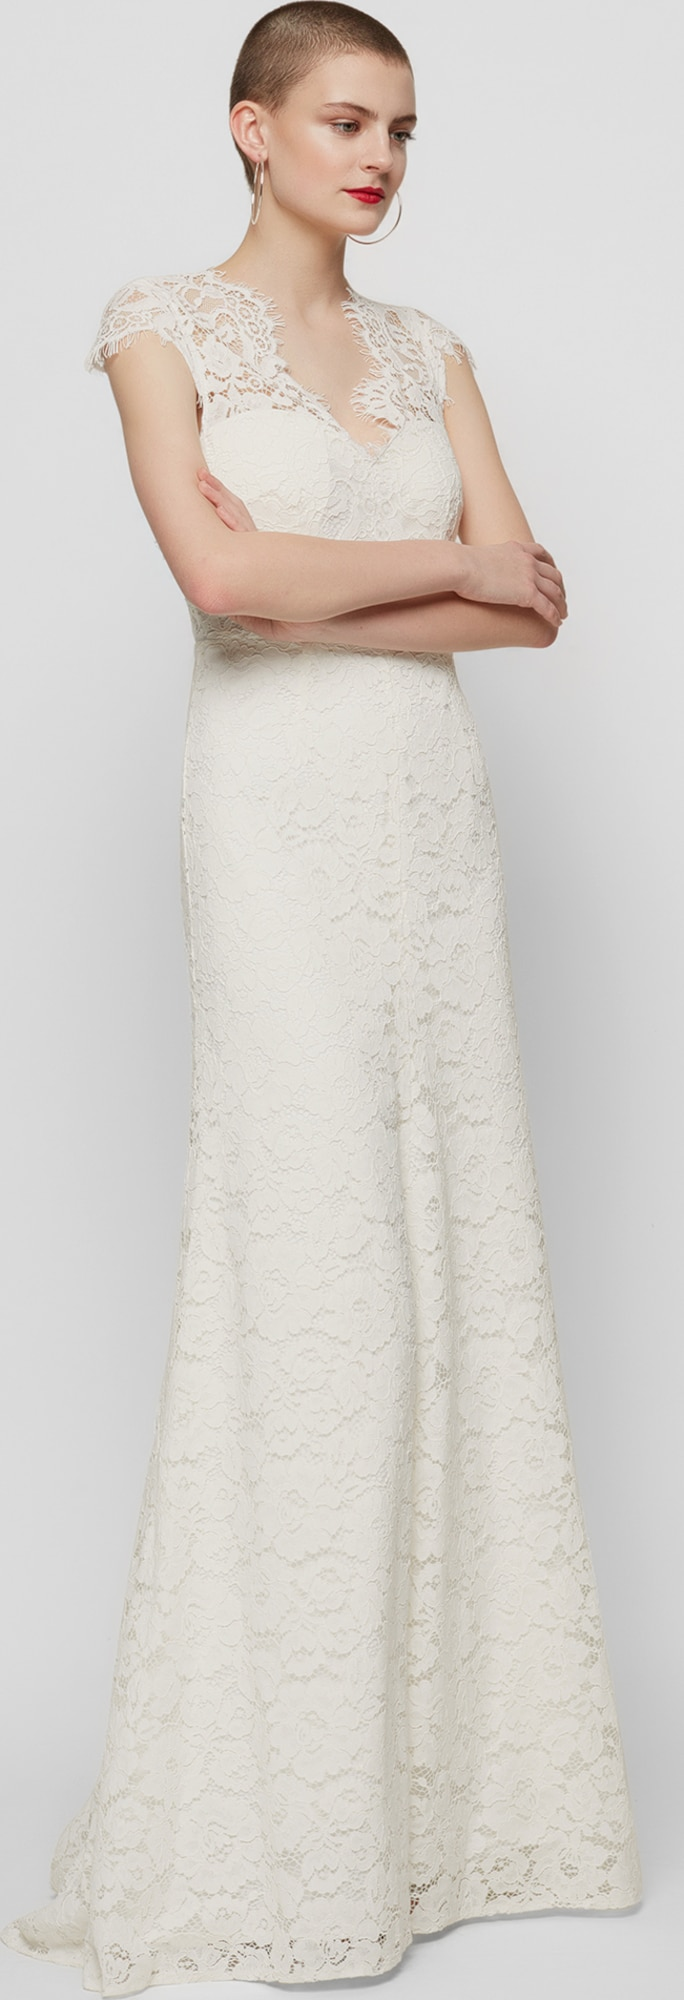 IVY & OAK Hochzeitskleid mit Spitzen-Design in weiß   ABOUT YOU